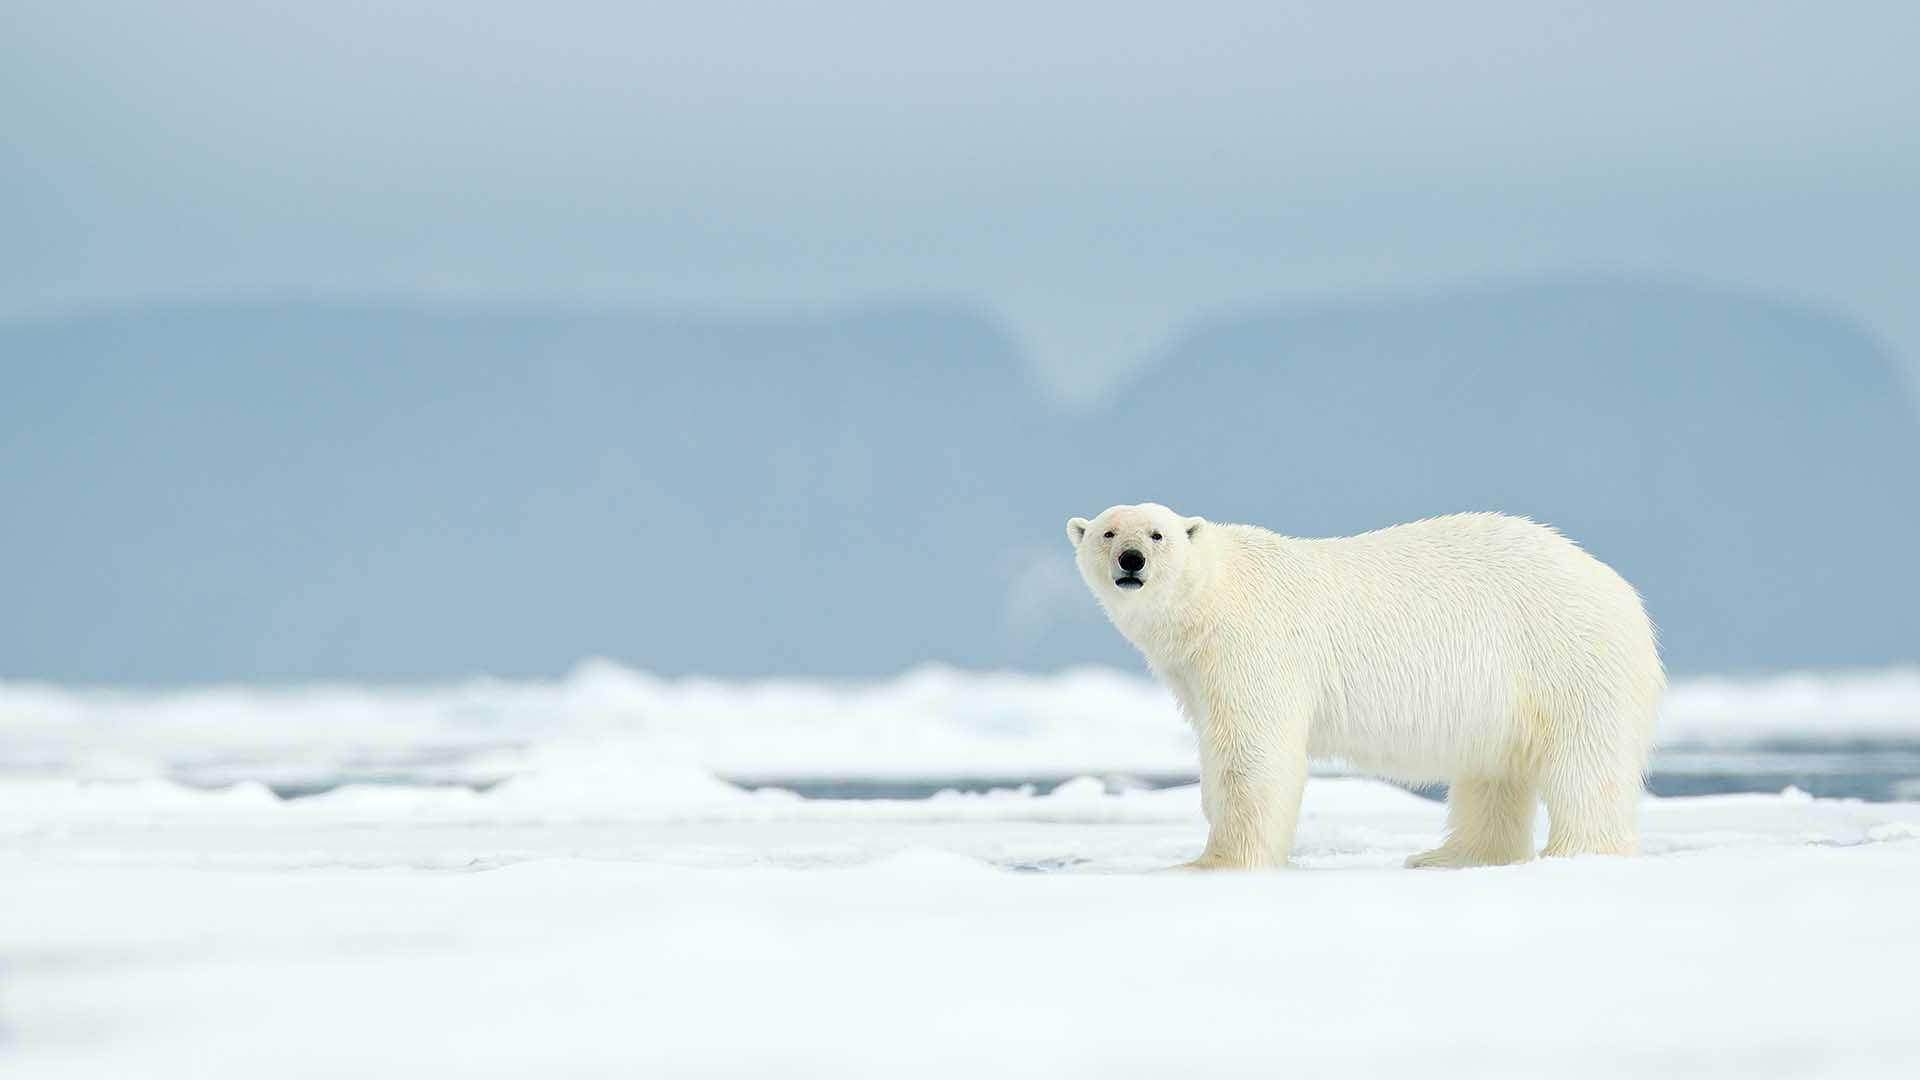 Ilmuwan Memprediksi Beruang Kutub Bisa Lenyap pada Akhir Abad Ini